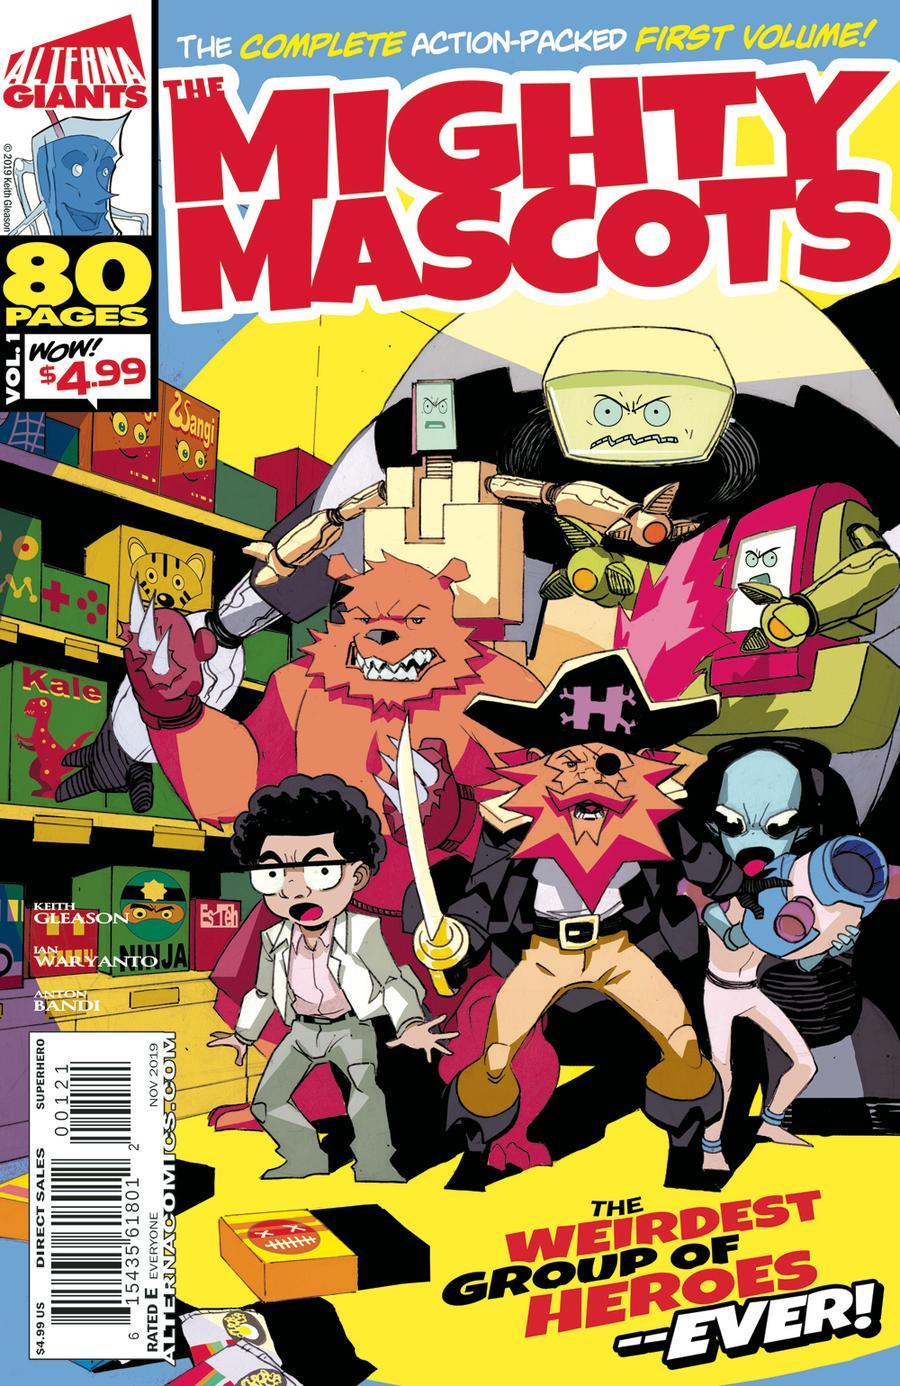 Alterna Giants Mighty Mascots